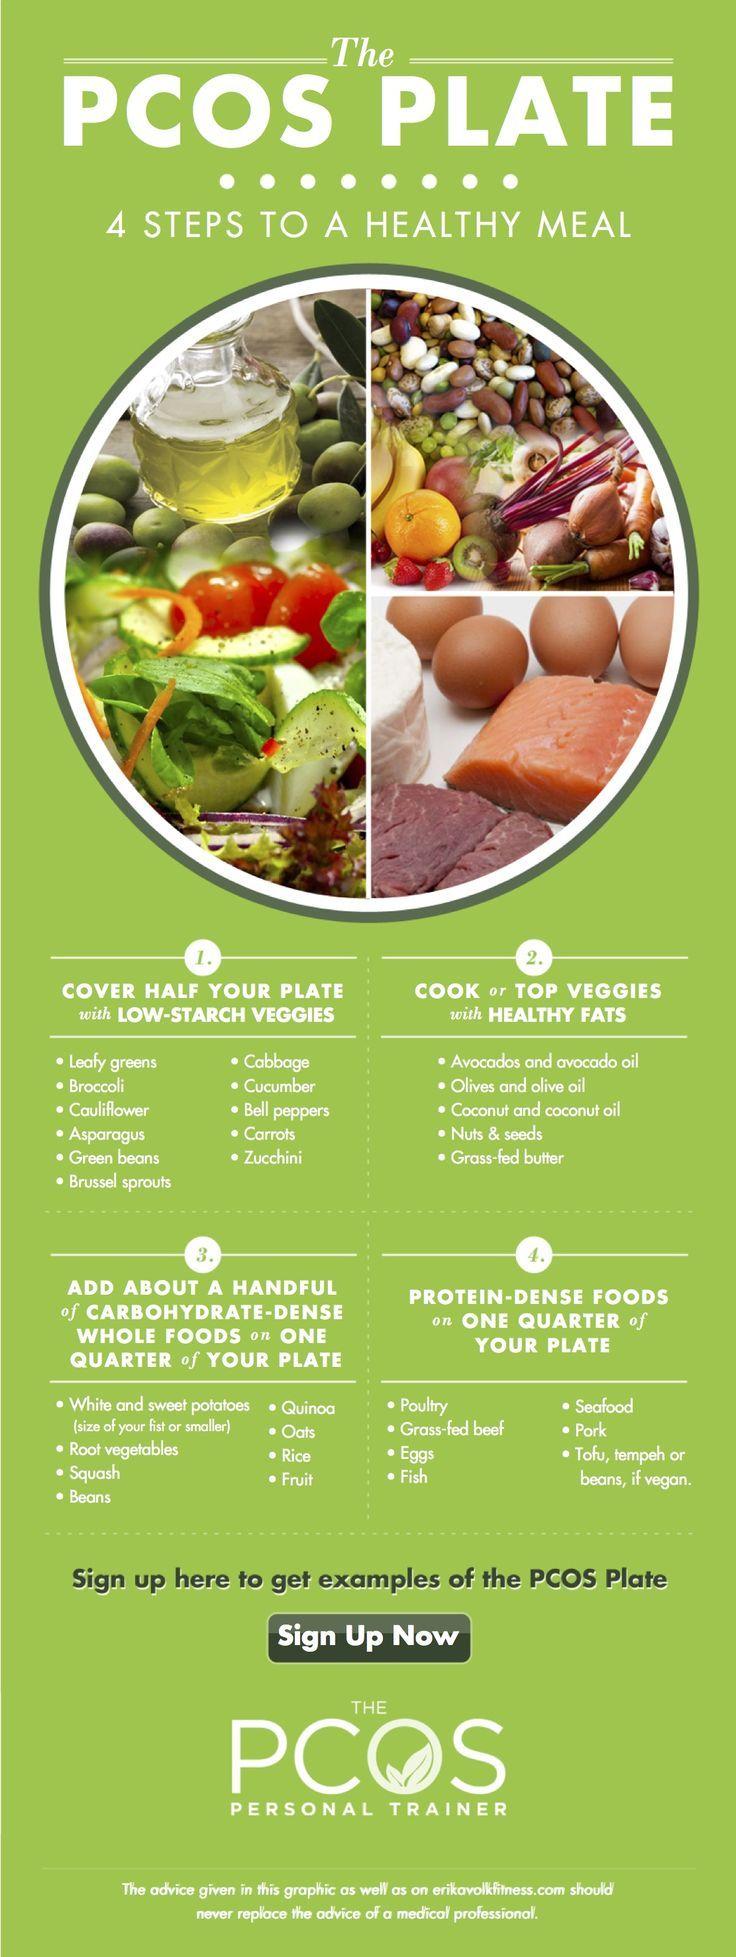 Bodyfuelz fat burner side effects picture 6